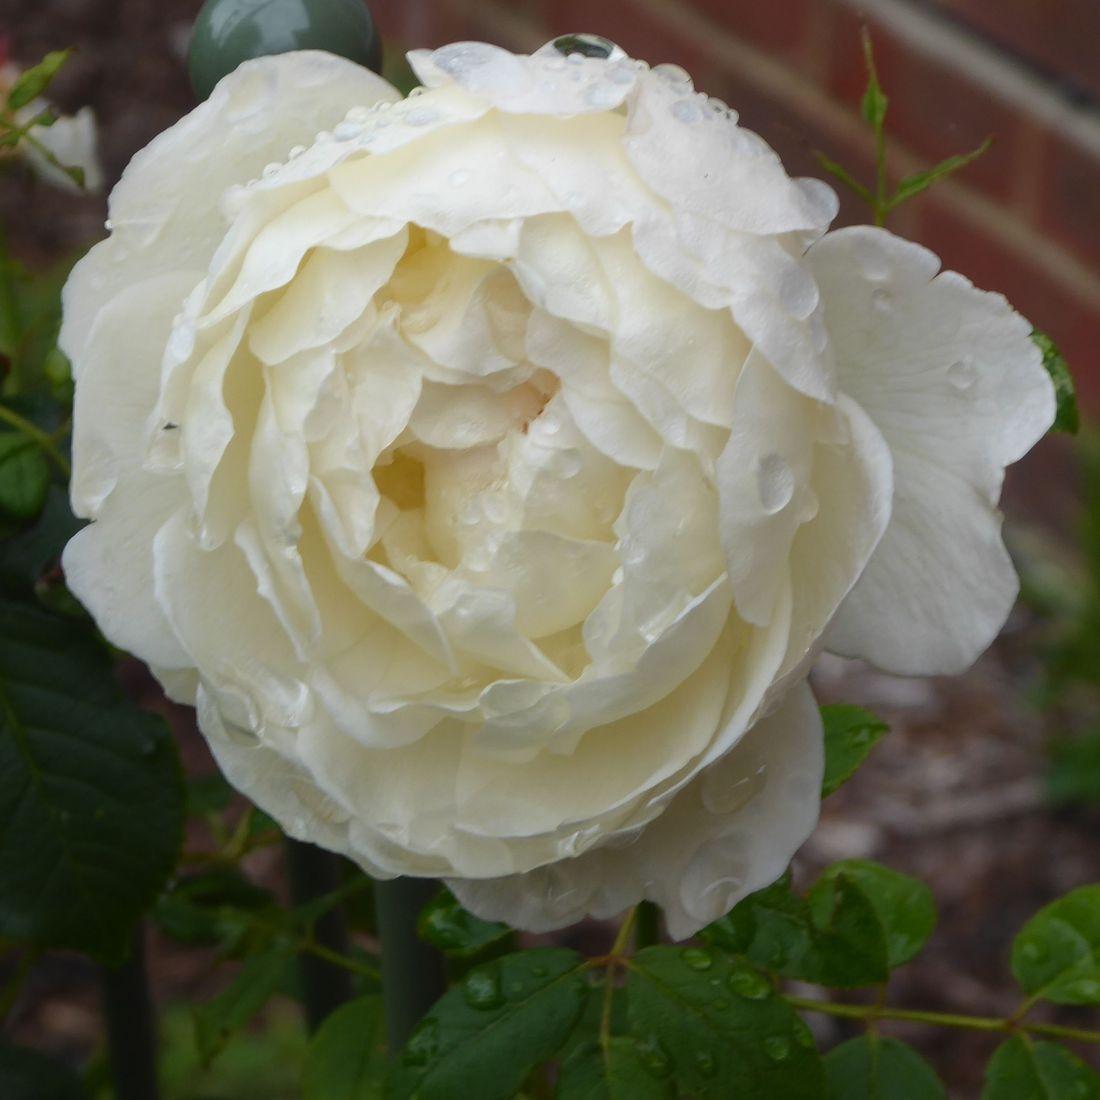 Spring flower Hampshire Gardens Susan Bonnett Garden Advisor gardening